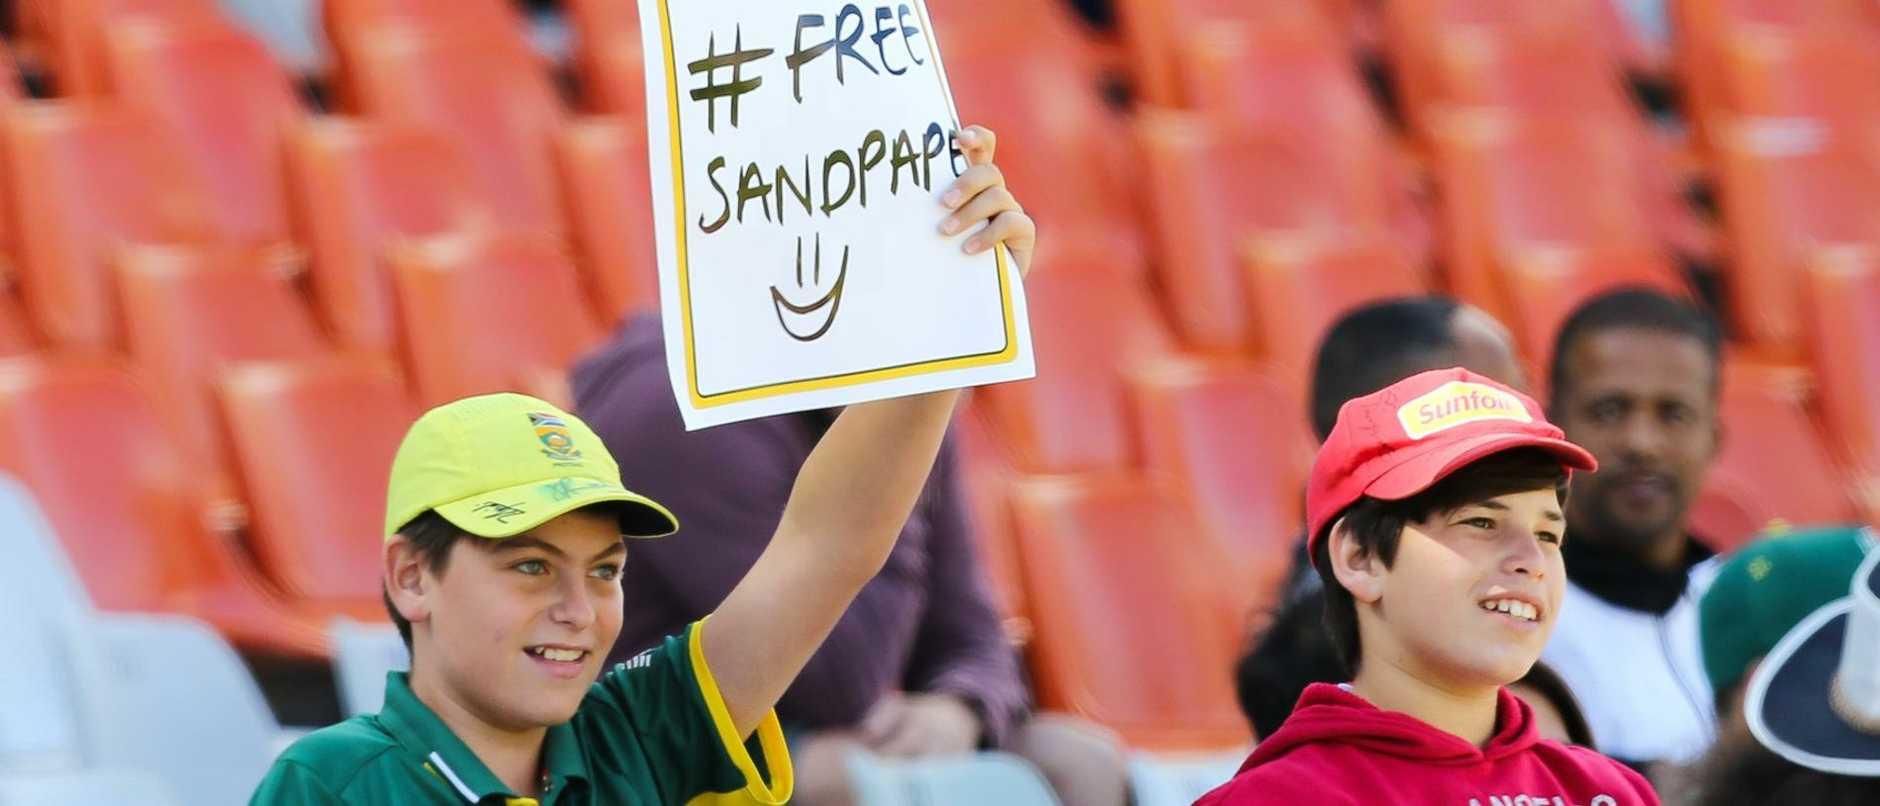 South Africa v Australia - 3rd Test: Day 4